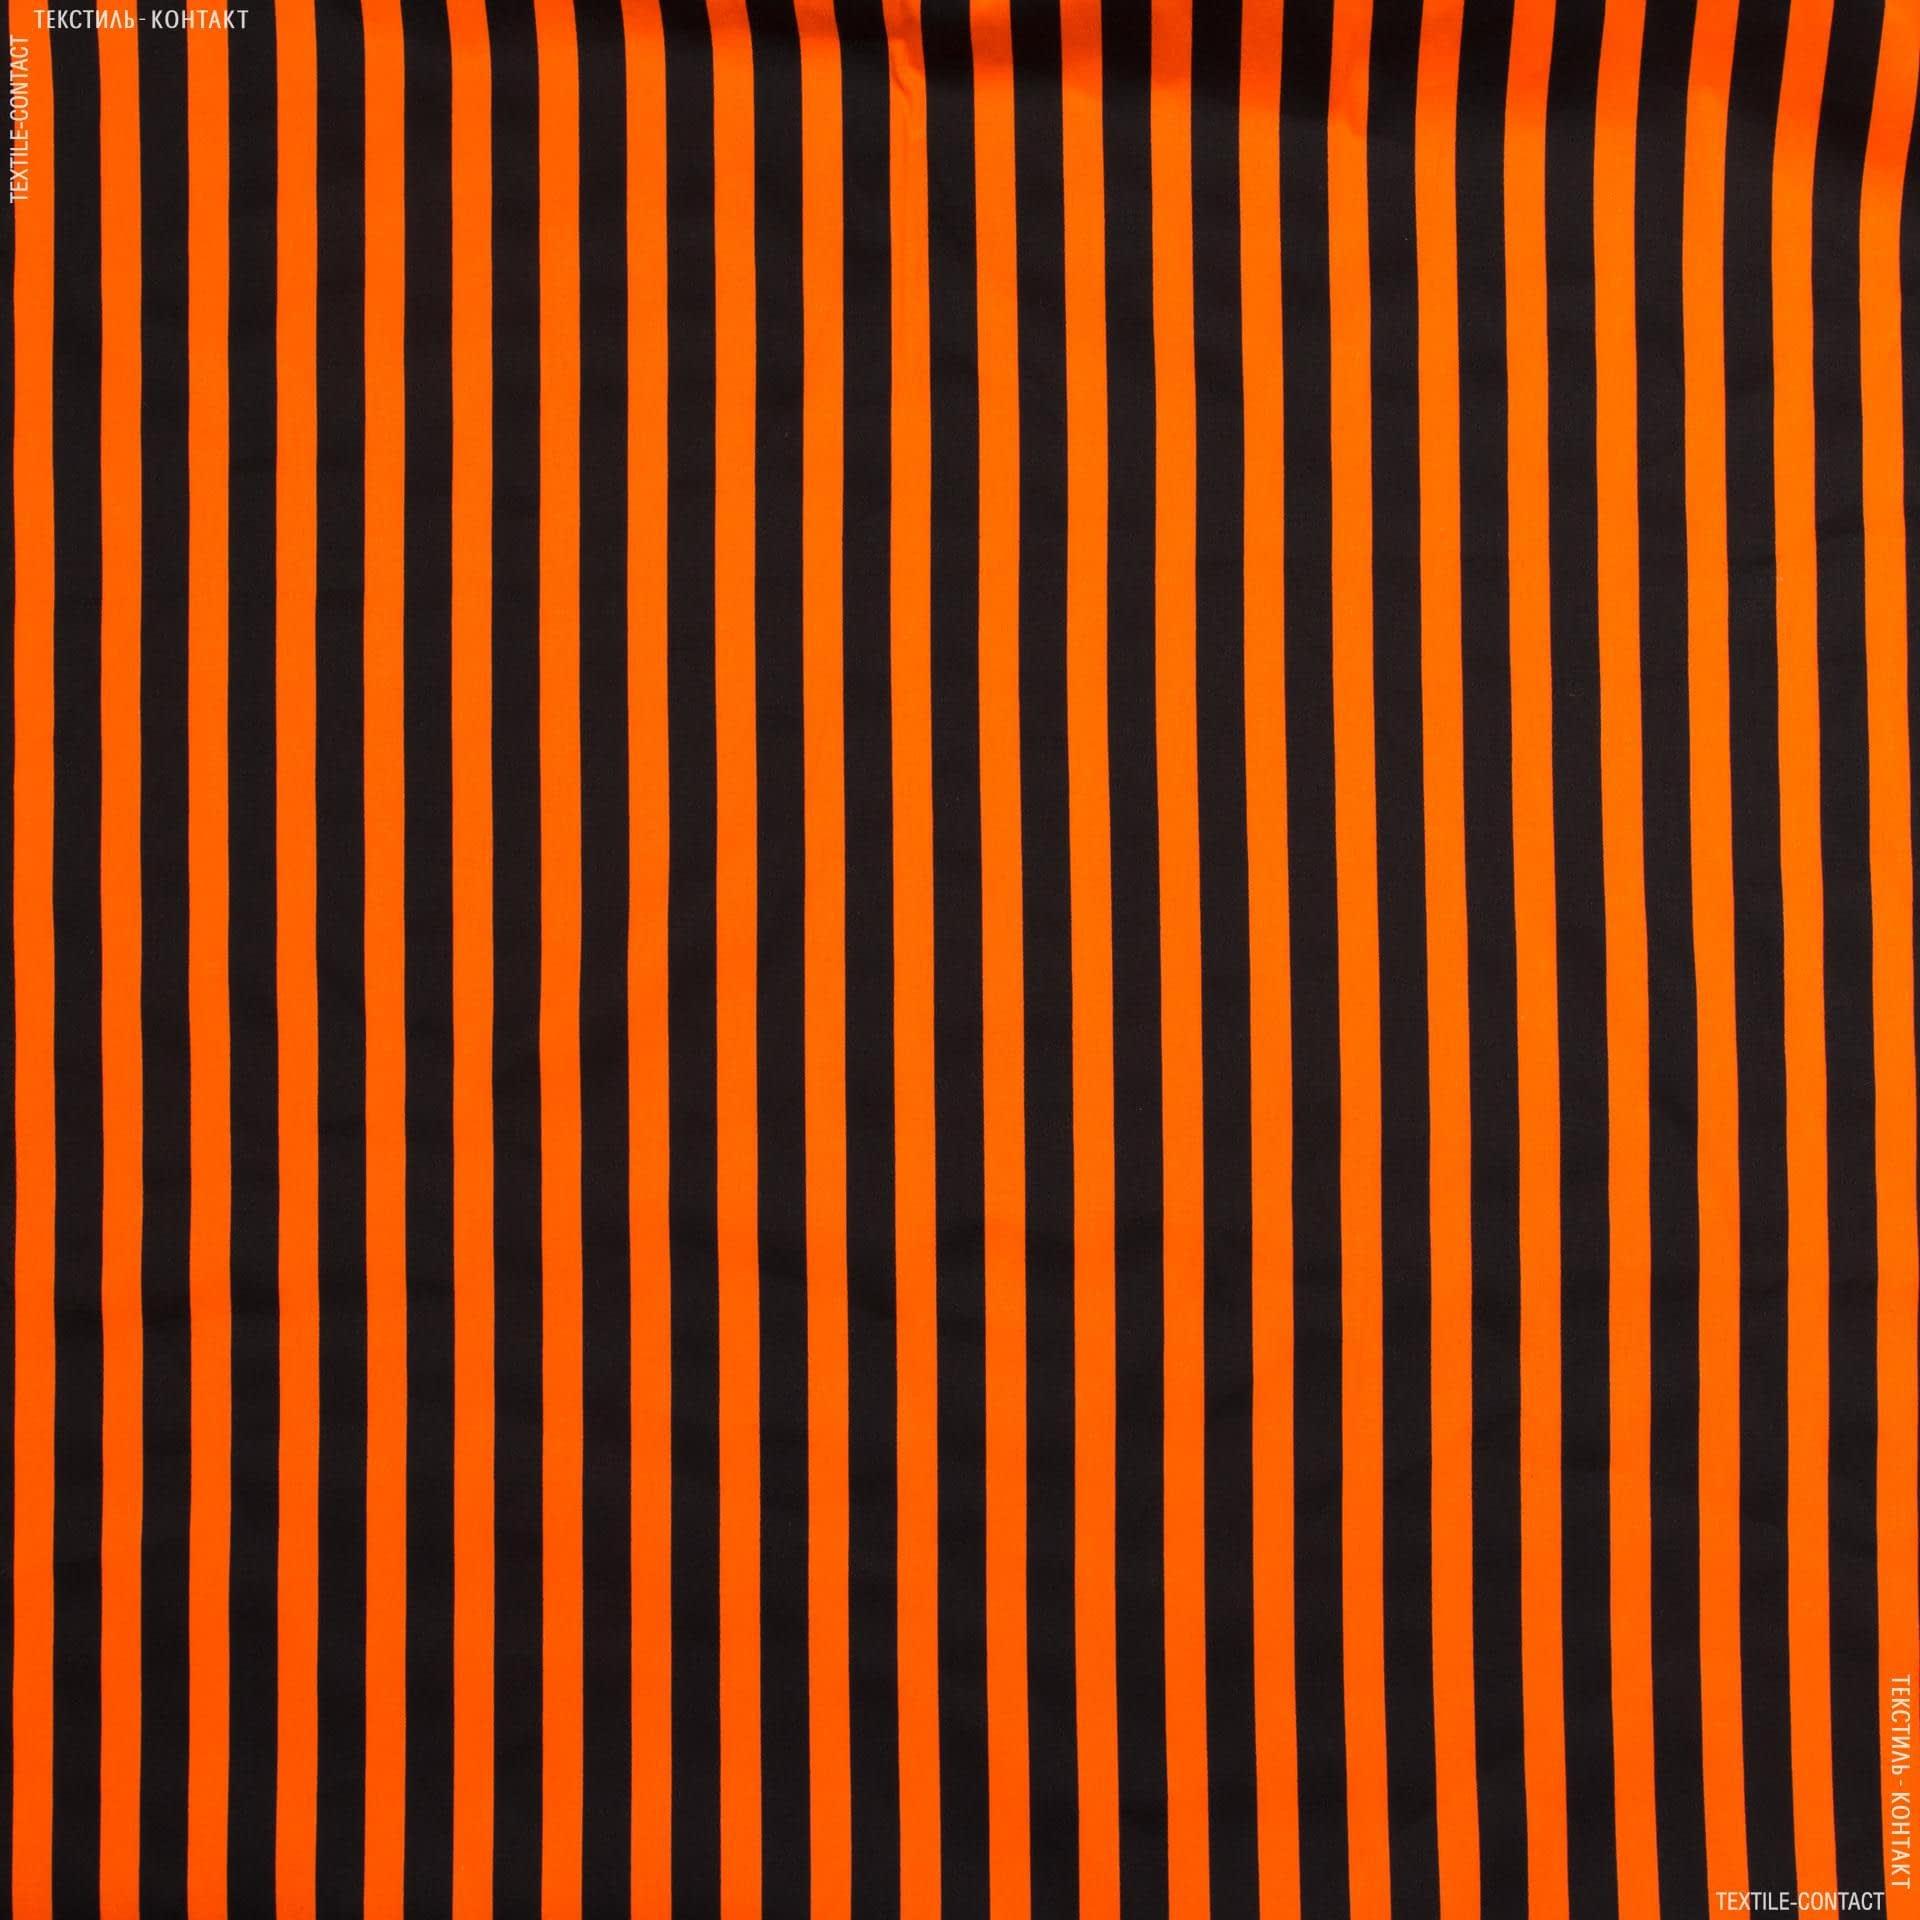 Ткани для брюк - Коттон стрейч полоска черно-оранжевый